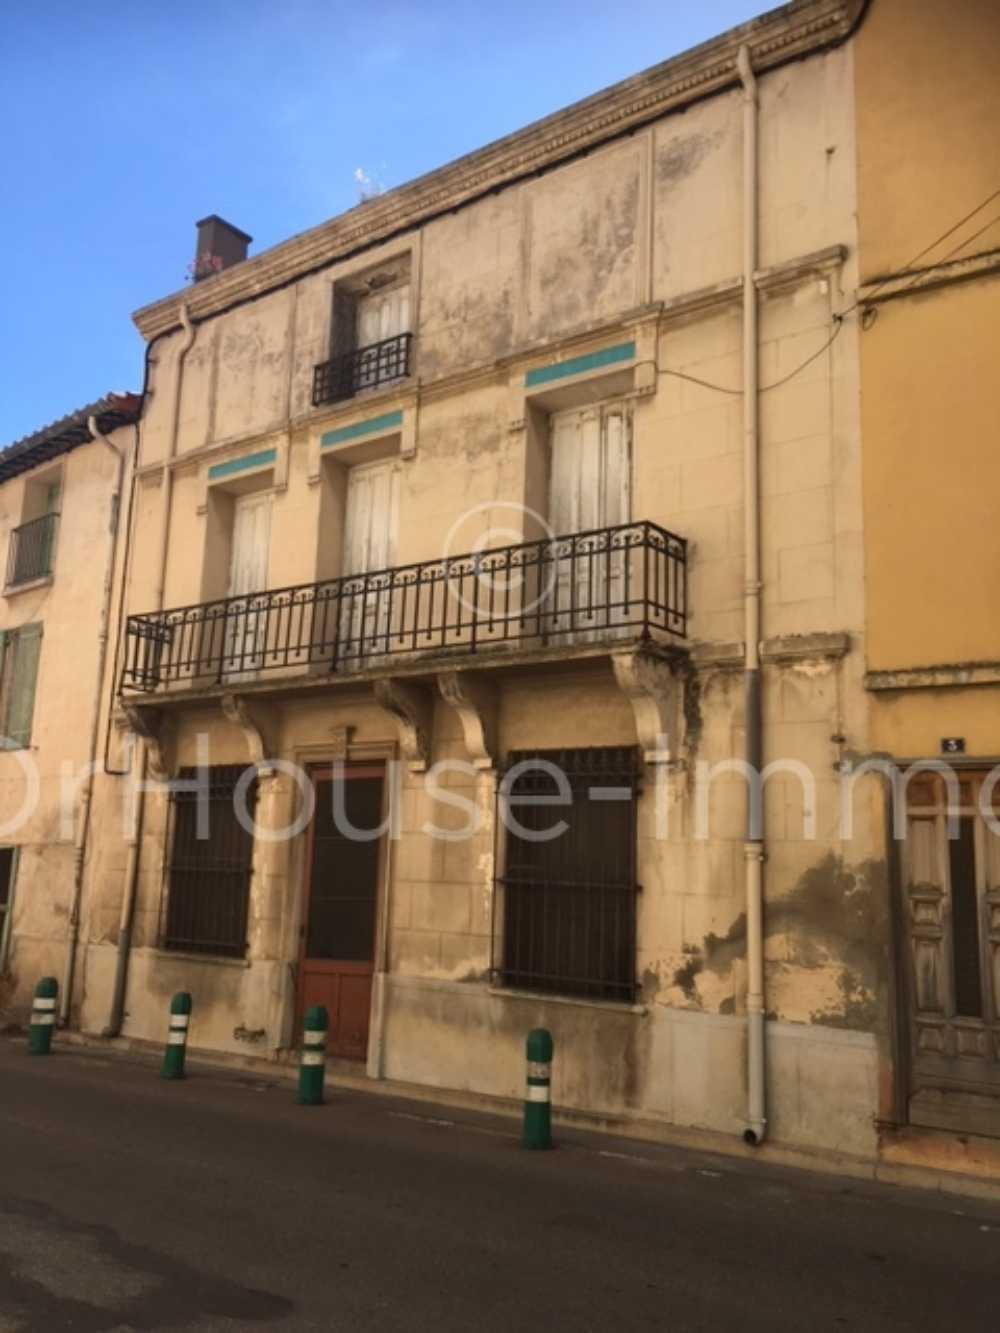 Thuir Pyrénées-Orientales Stadthaus Bild 4008450